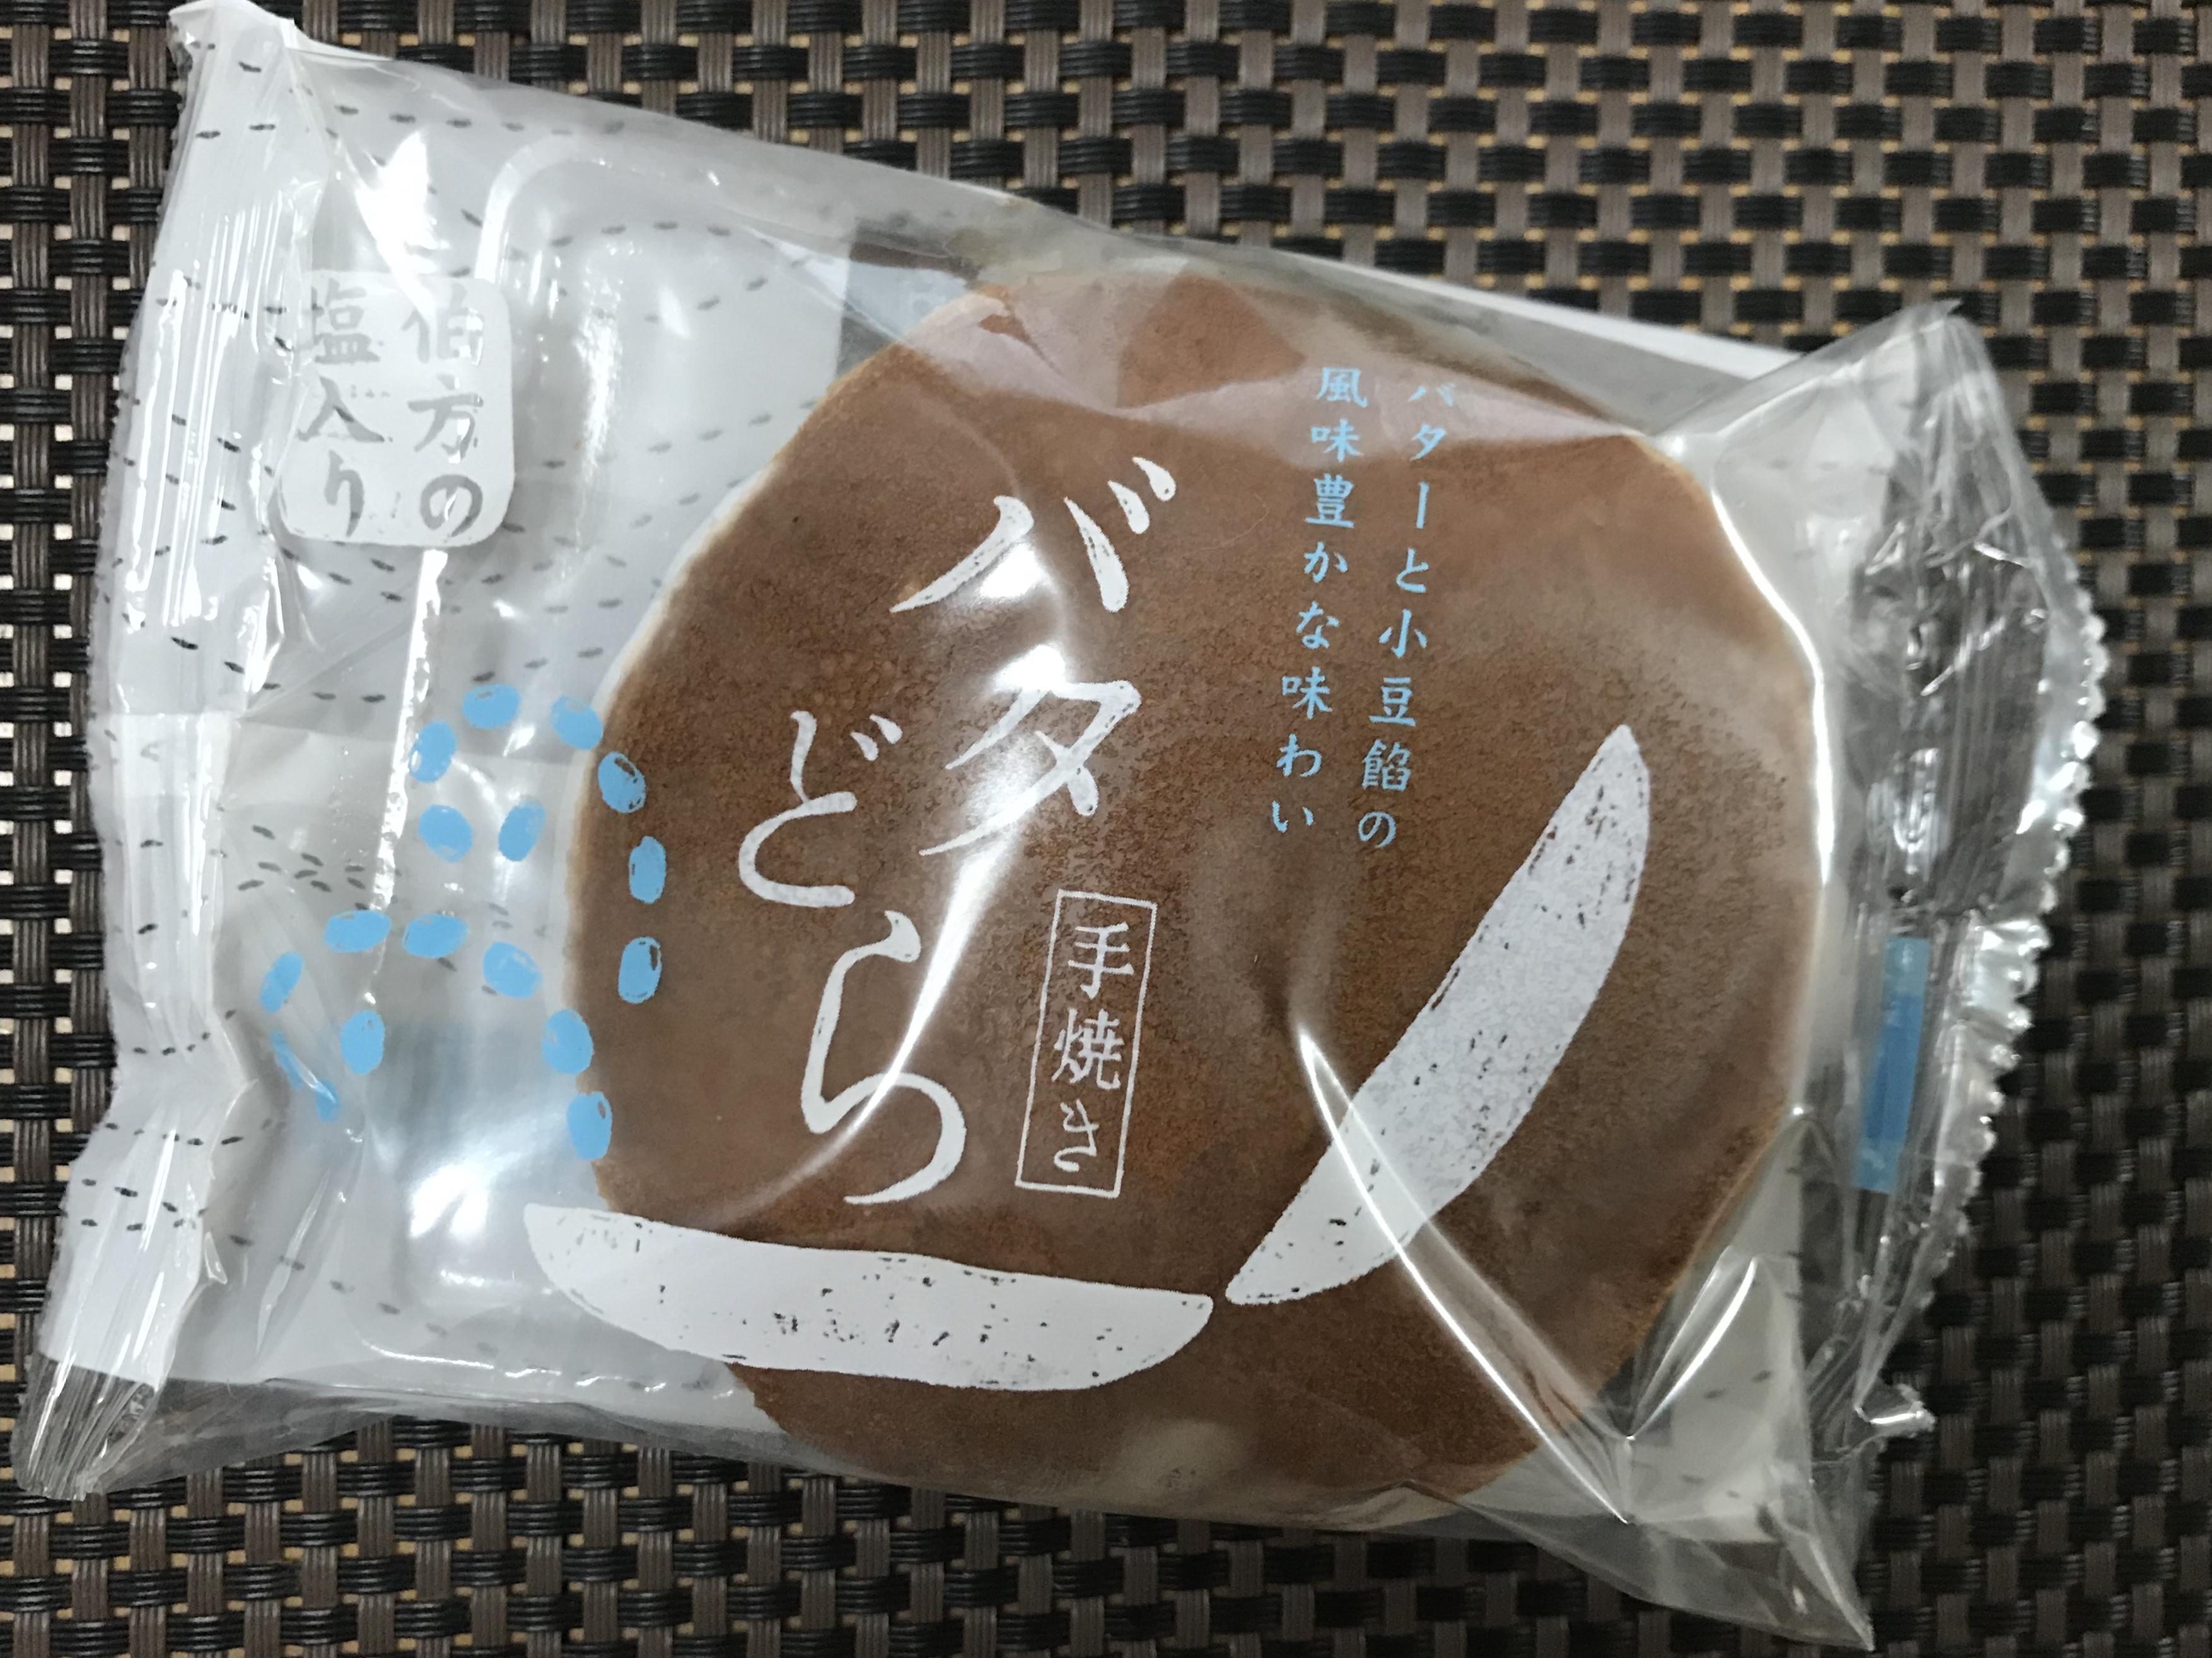 新居浜市にある永久堂の「バタどら」とハタダの「どら一」を食べ比べてみたよ!